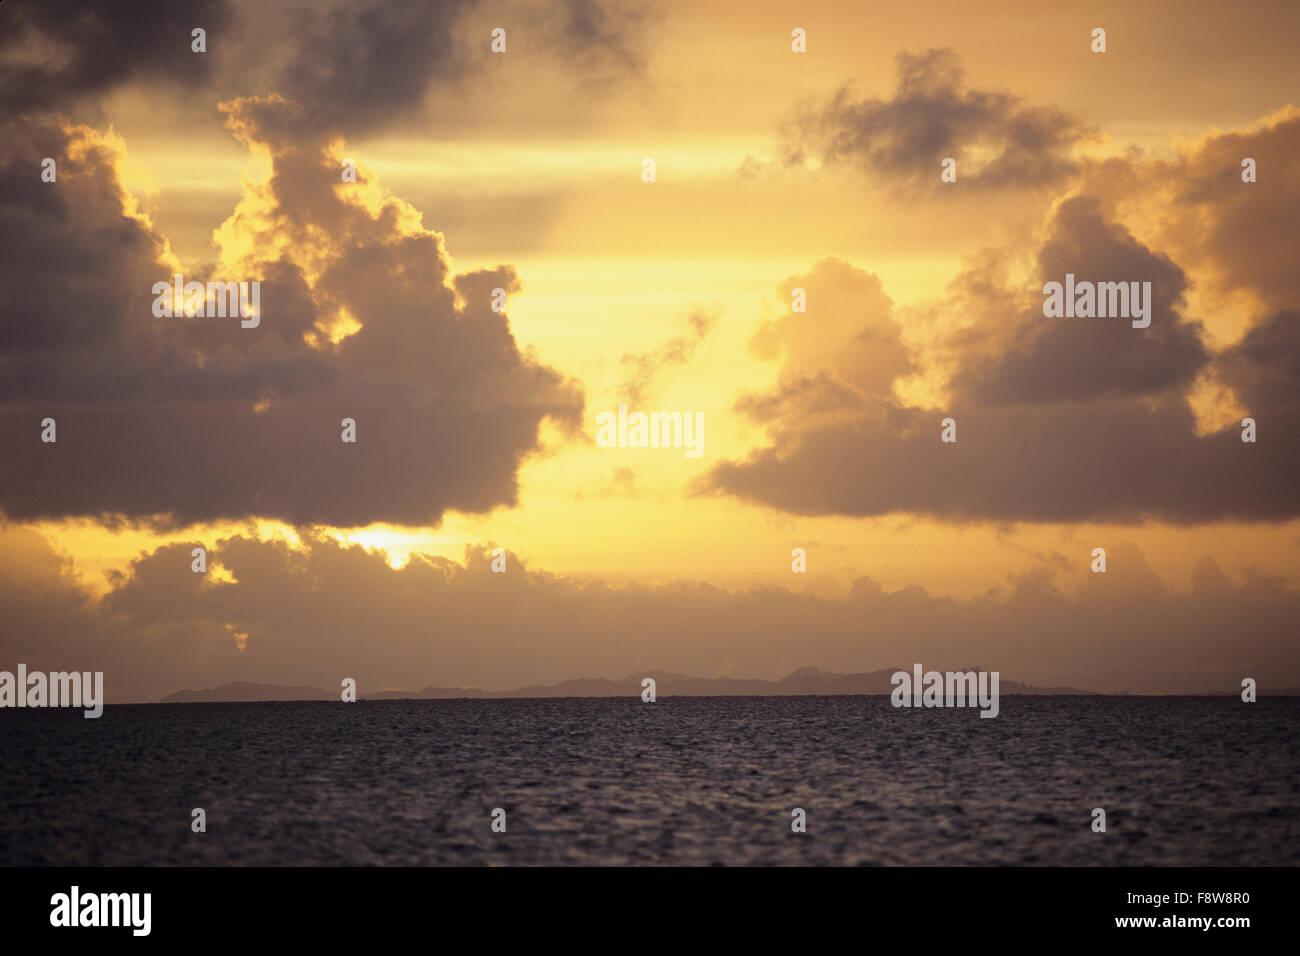 Fiji Islands, Viti Levu, Jean-Michel Cousteau, Fiji Islands Resort, sunset, oceanscape - Stock Image